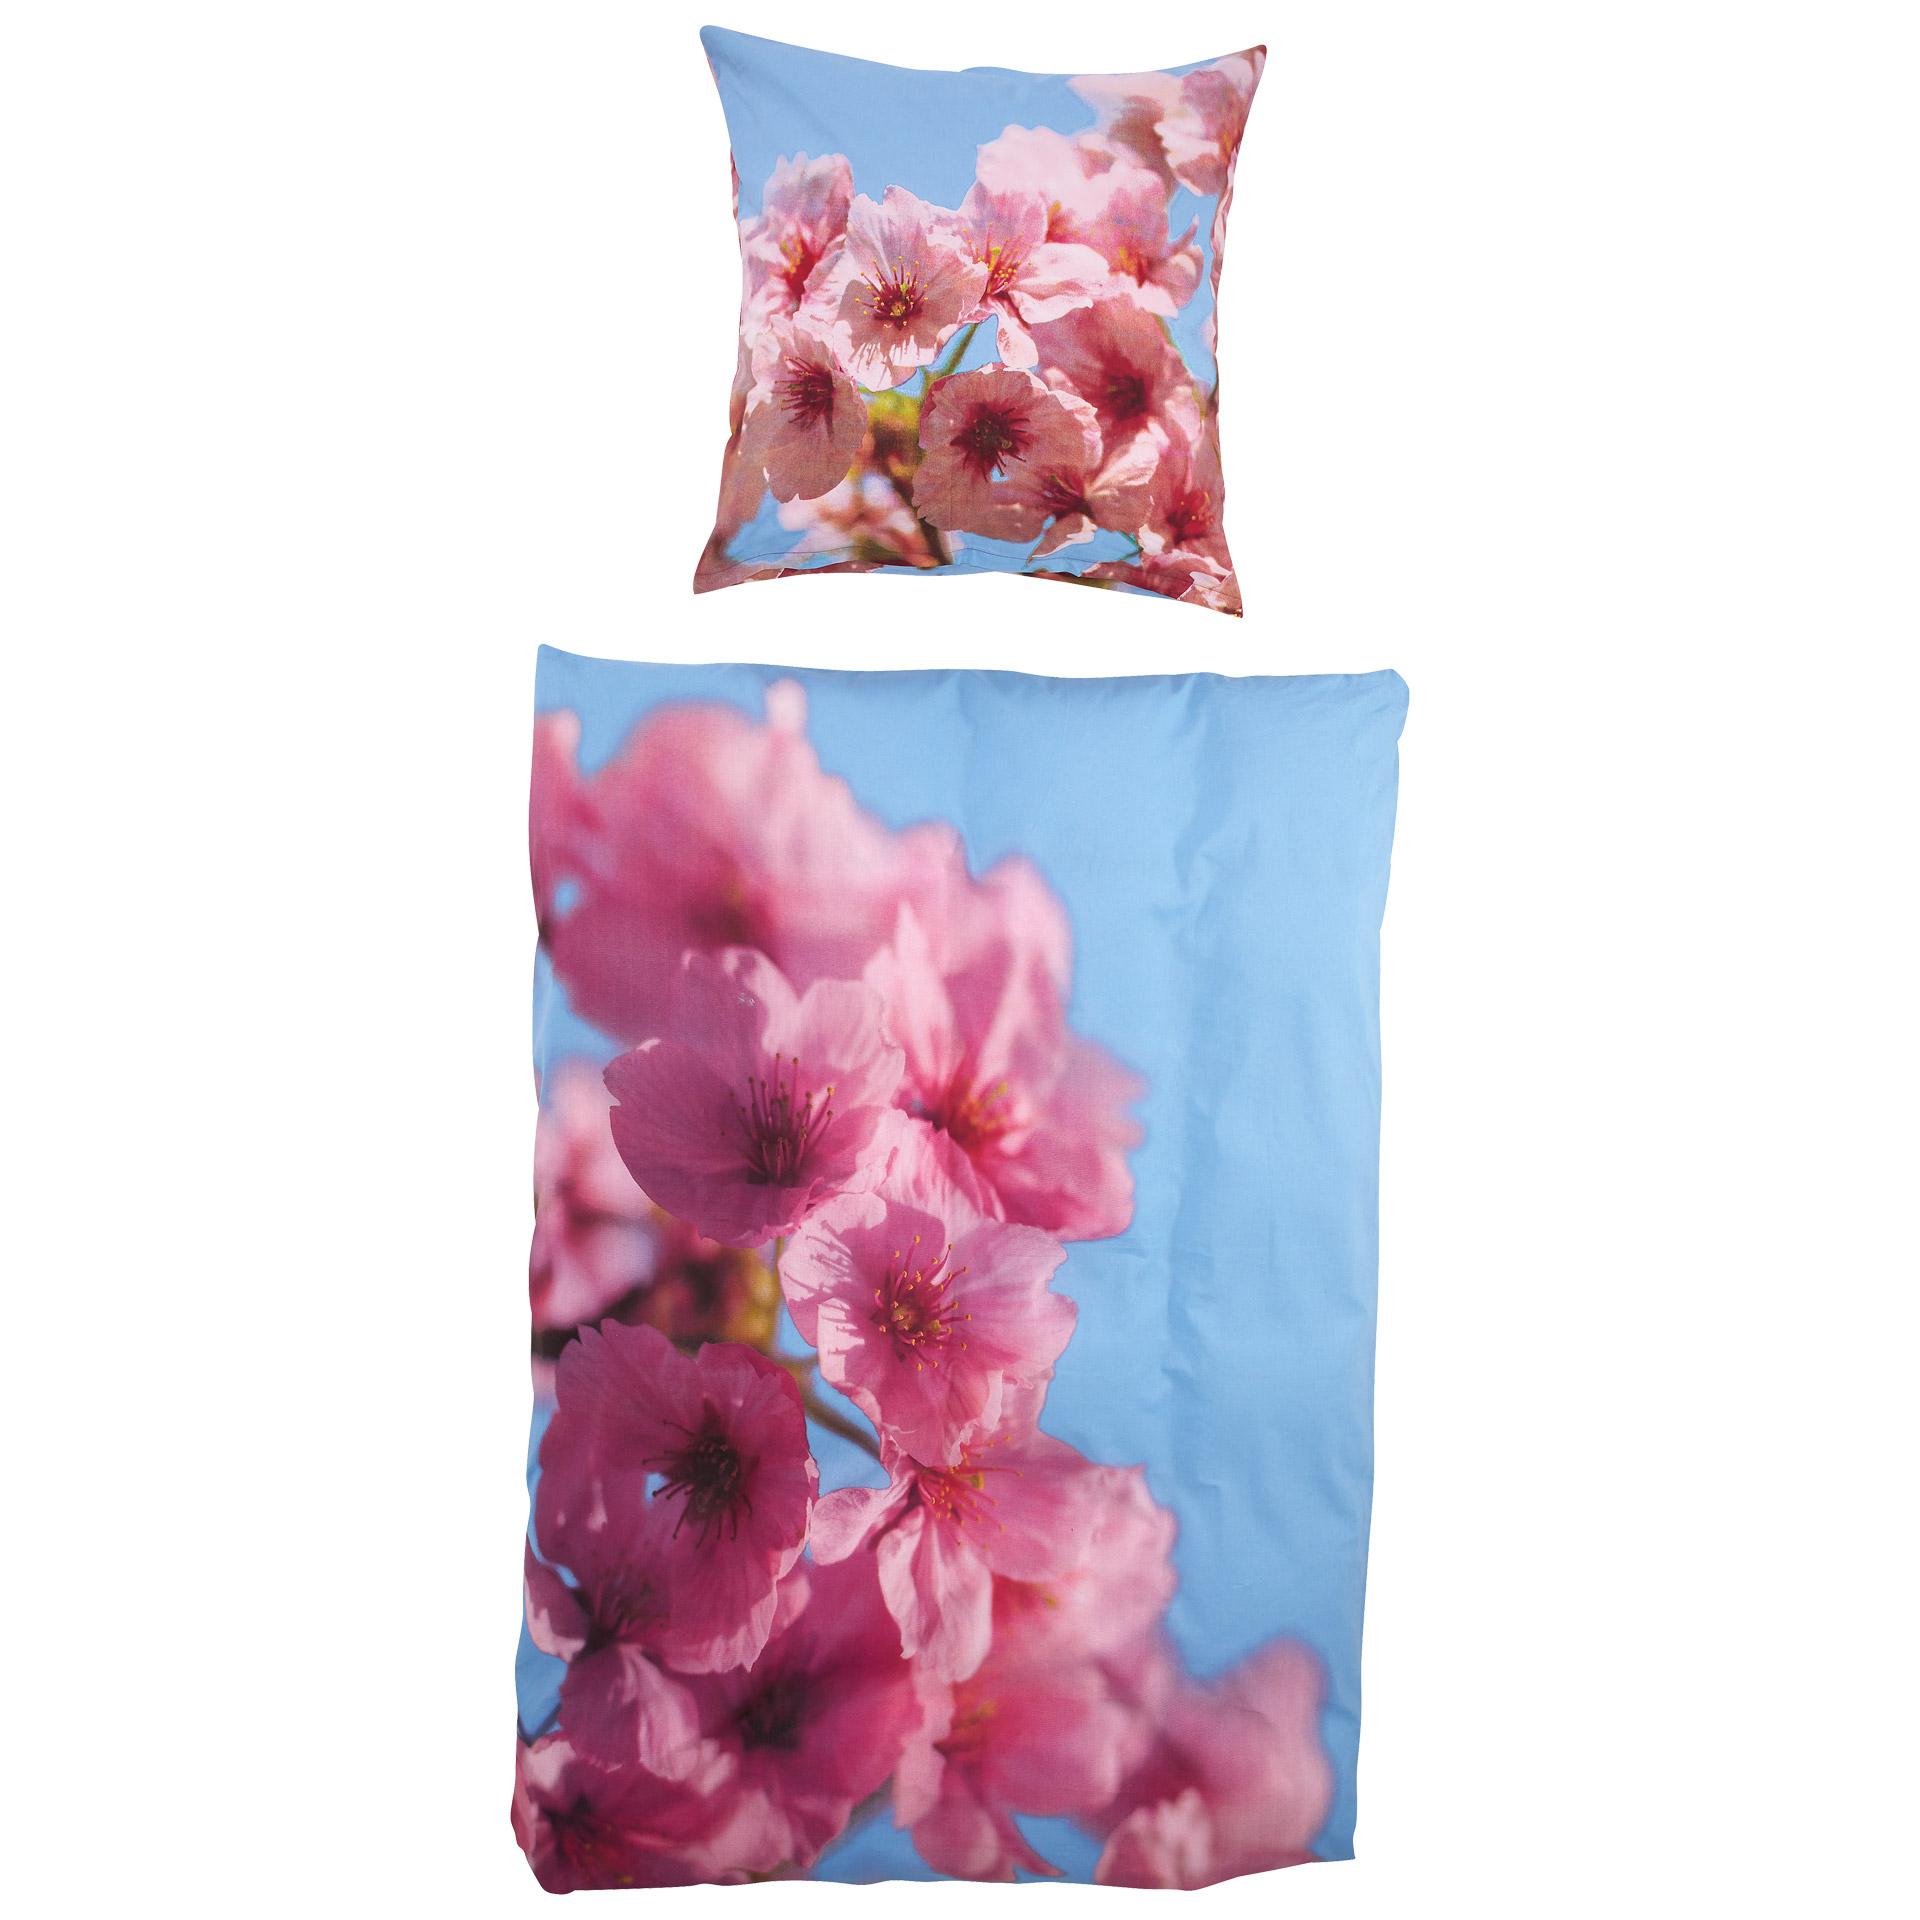 Linon-Bettwäsche Kirschblüte (135x200, Fotodruck)